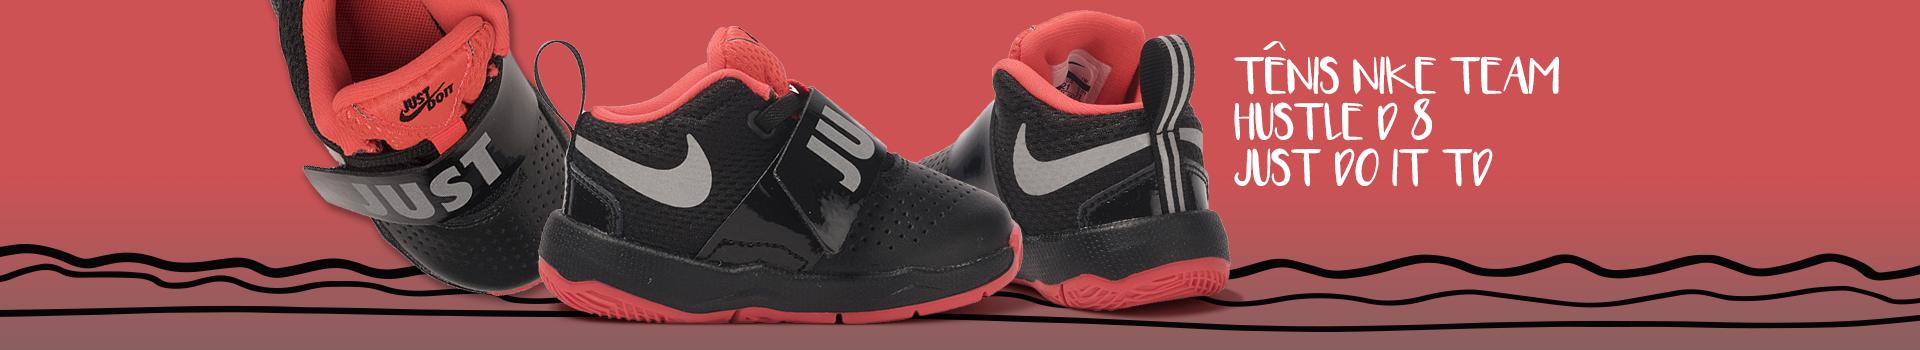 tvdesk_p5-10_12_18-Nike_Team_Hustle.jpg